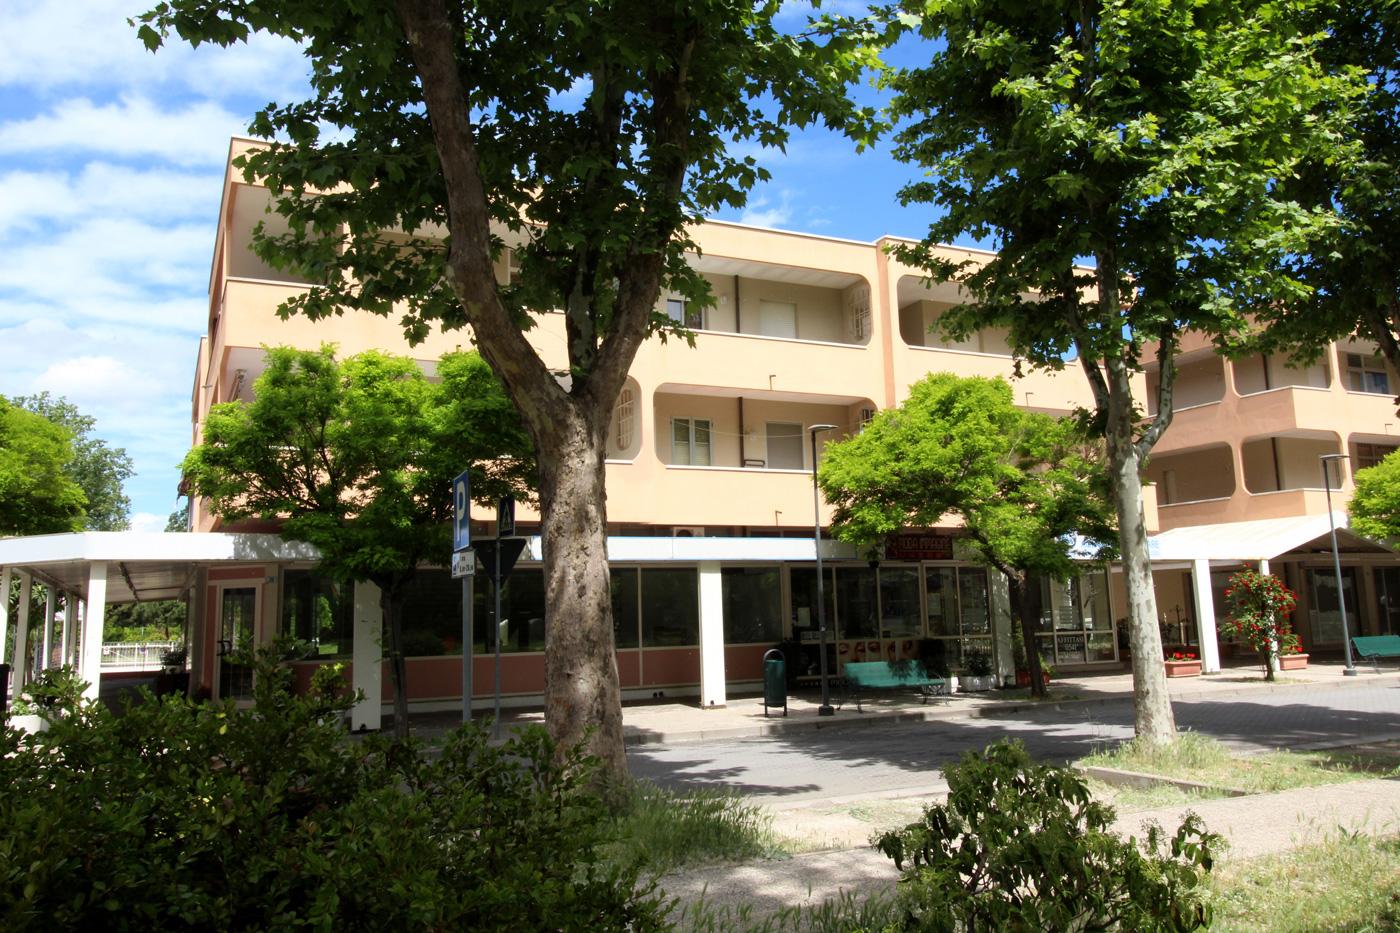 Appartemento al parco__IMG_7672_2